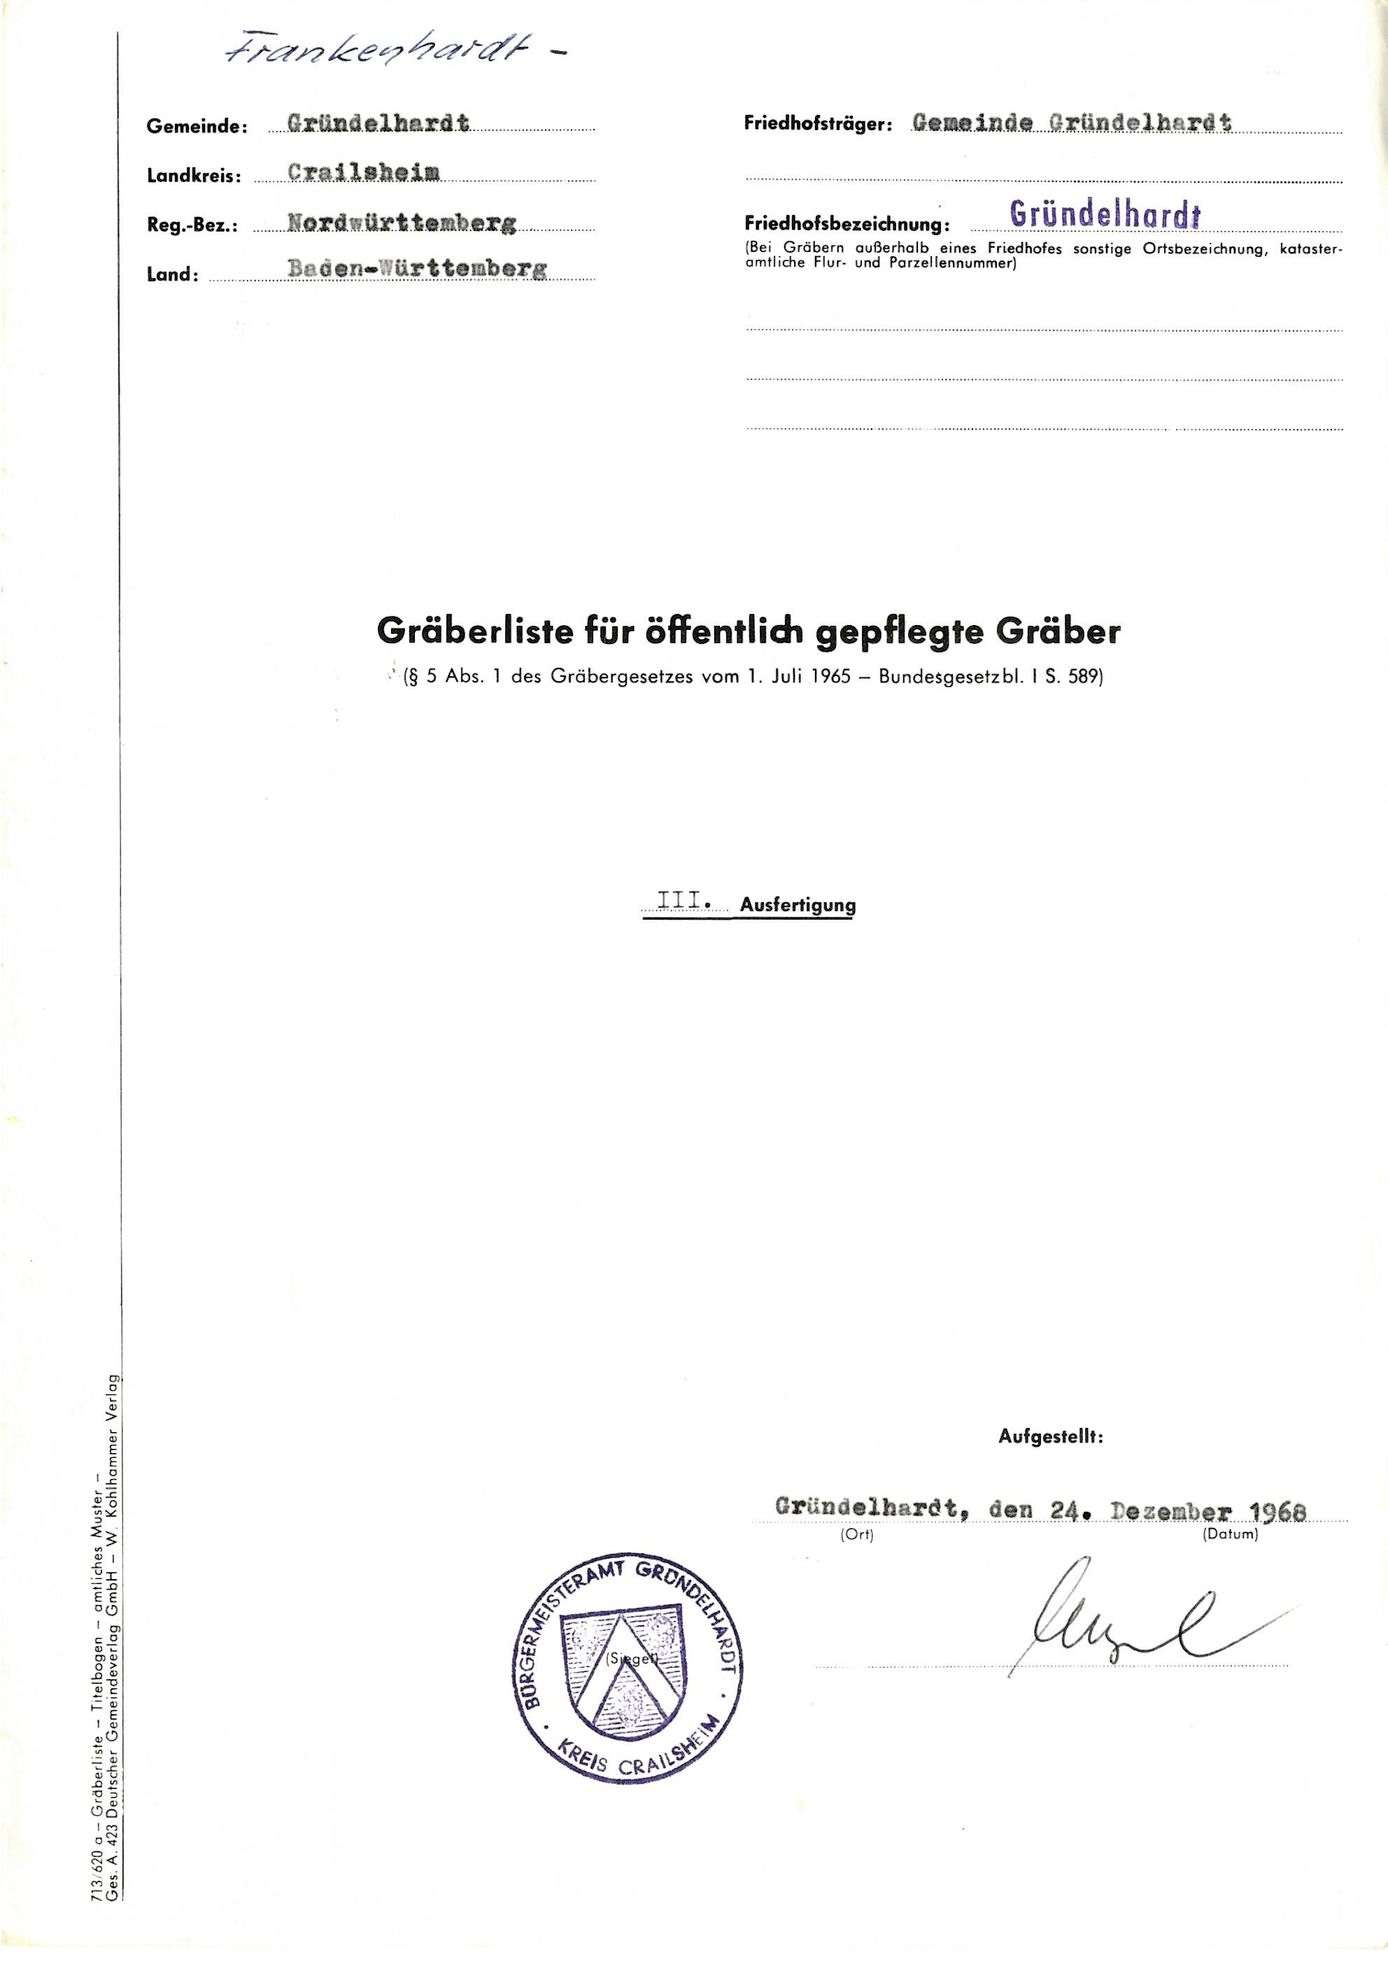 Gründelhardt, Bild 1